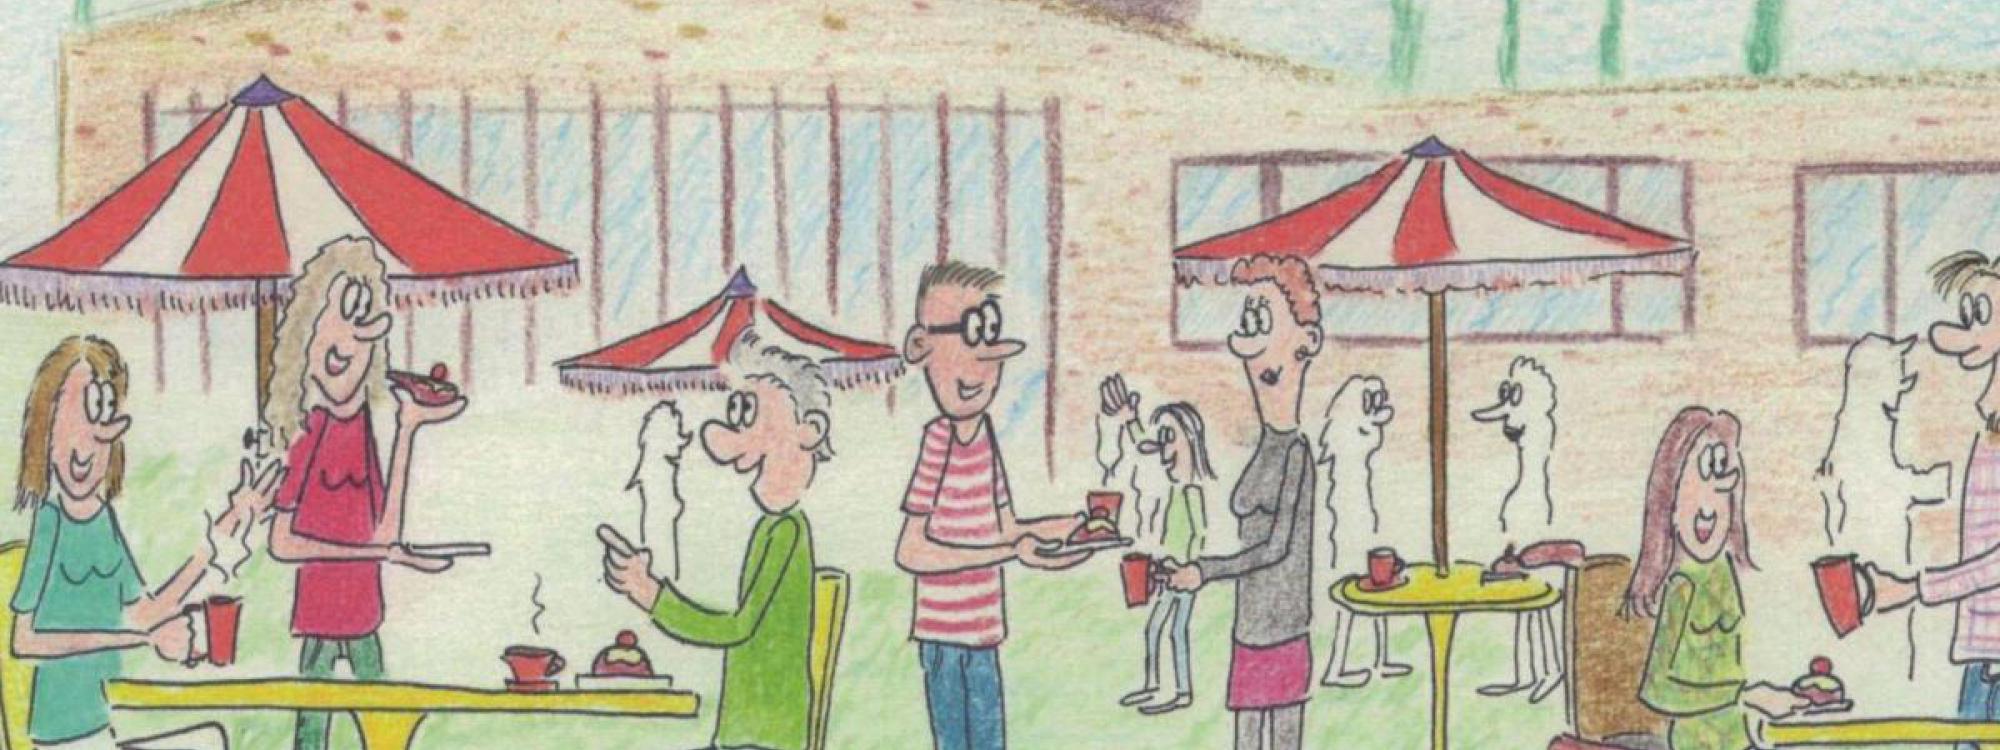 uitnodiging voor het buurtfeest was een tekening gemaakt door Wijnand